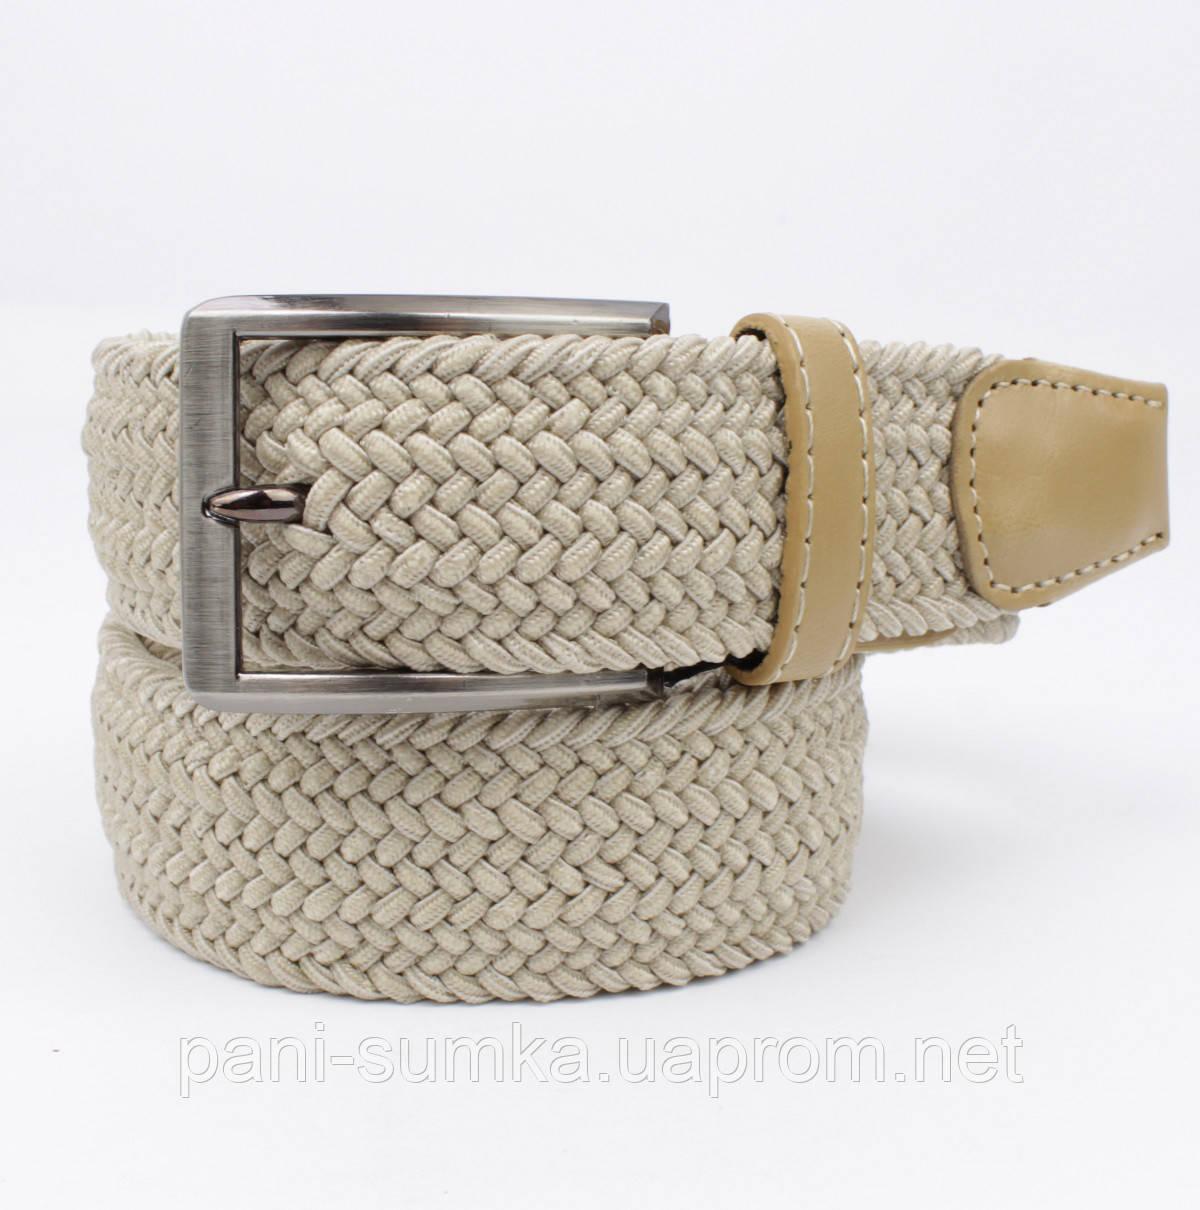 Плетеный ремень резинка Alon (оригинал) 4900-104 бежевый, ширина 35 мм